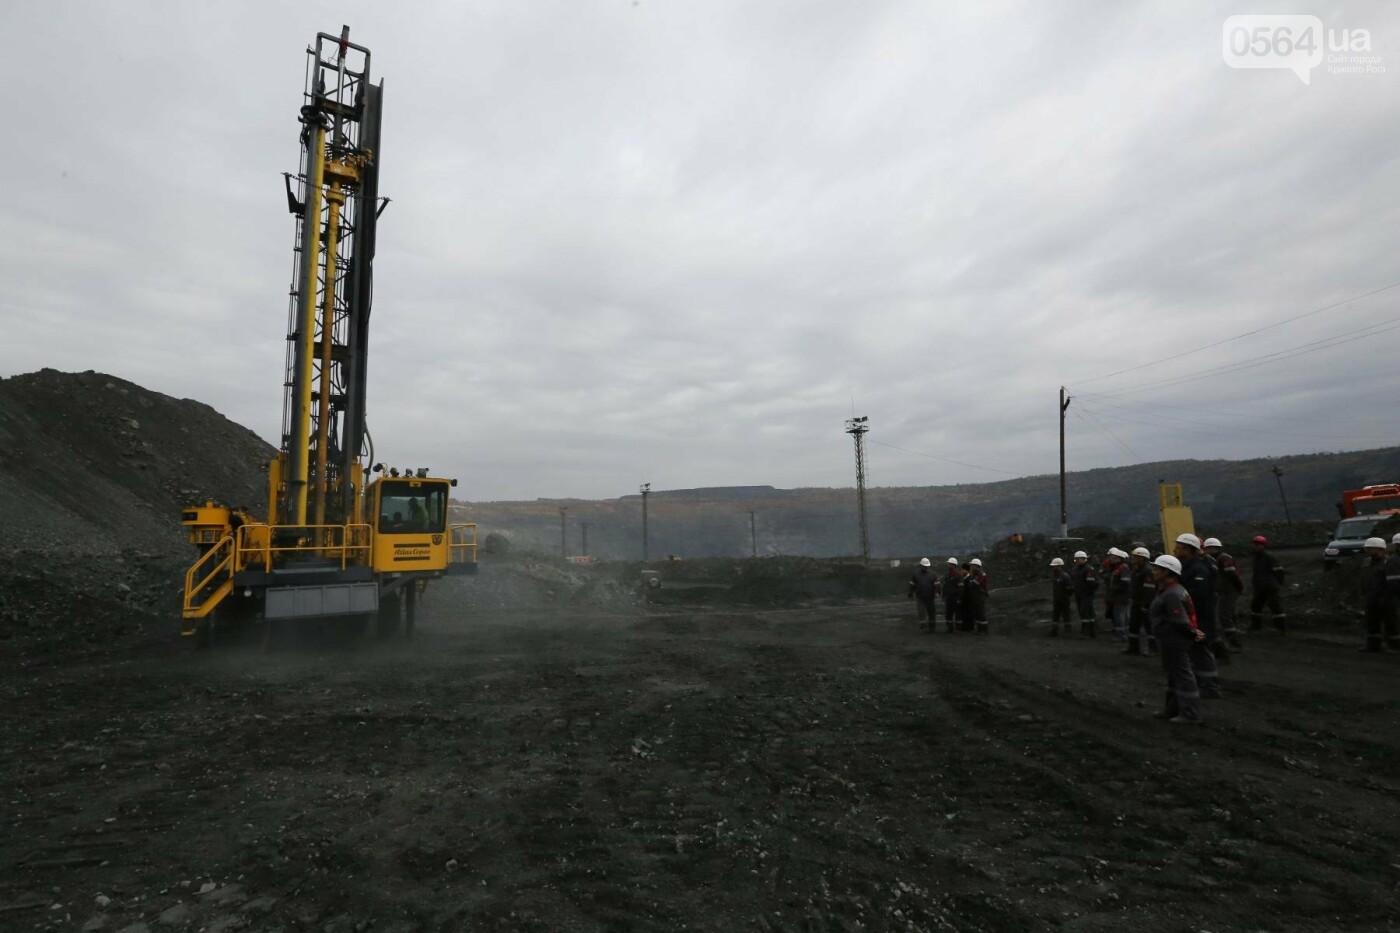 Северный ГОК инвестировал 63,4 миллиона гривен в современные буровые установки , фото-3